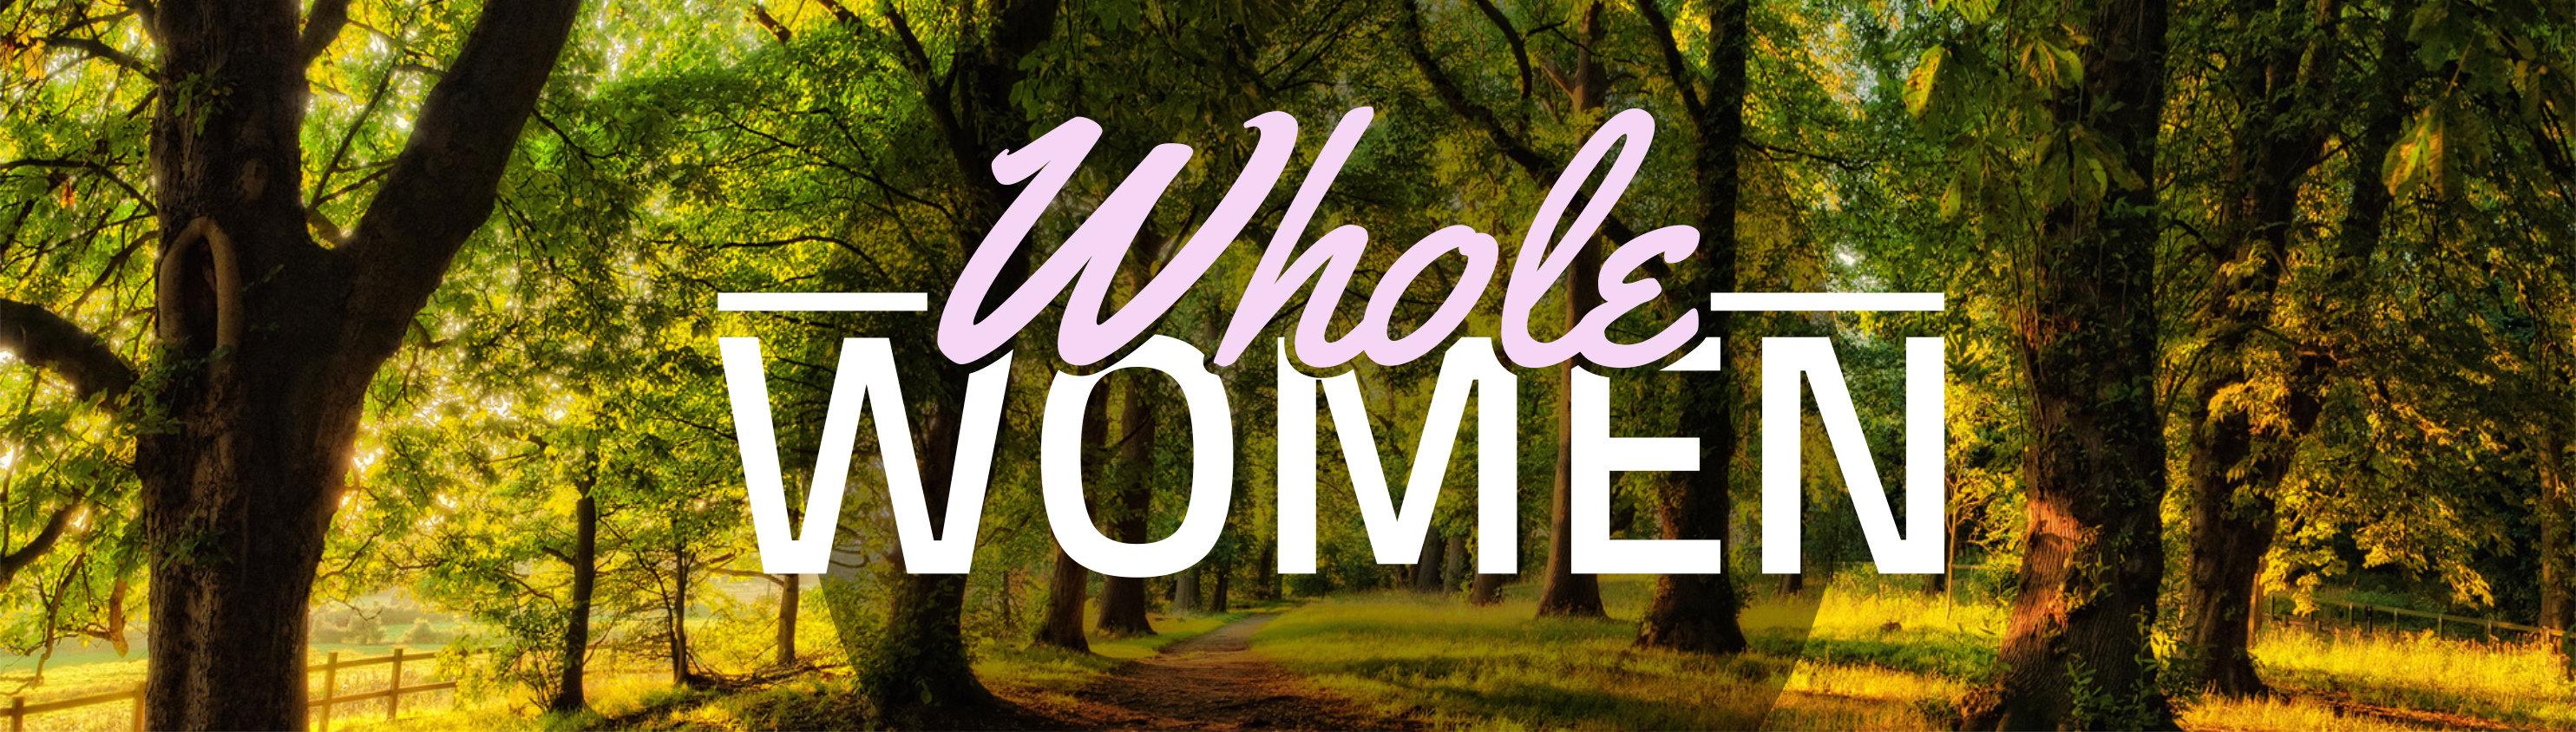 Whole women